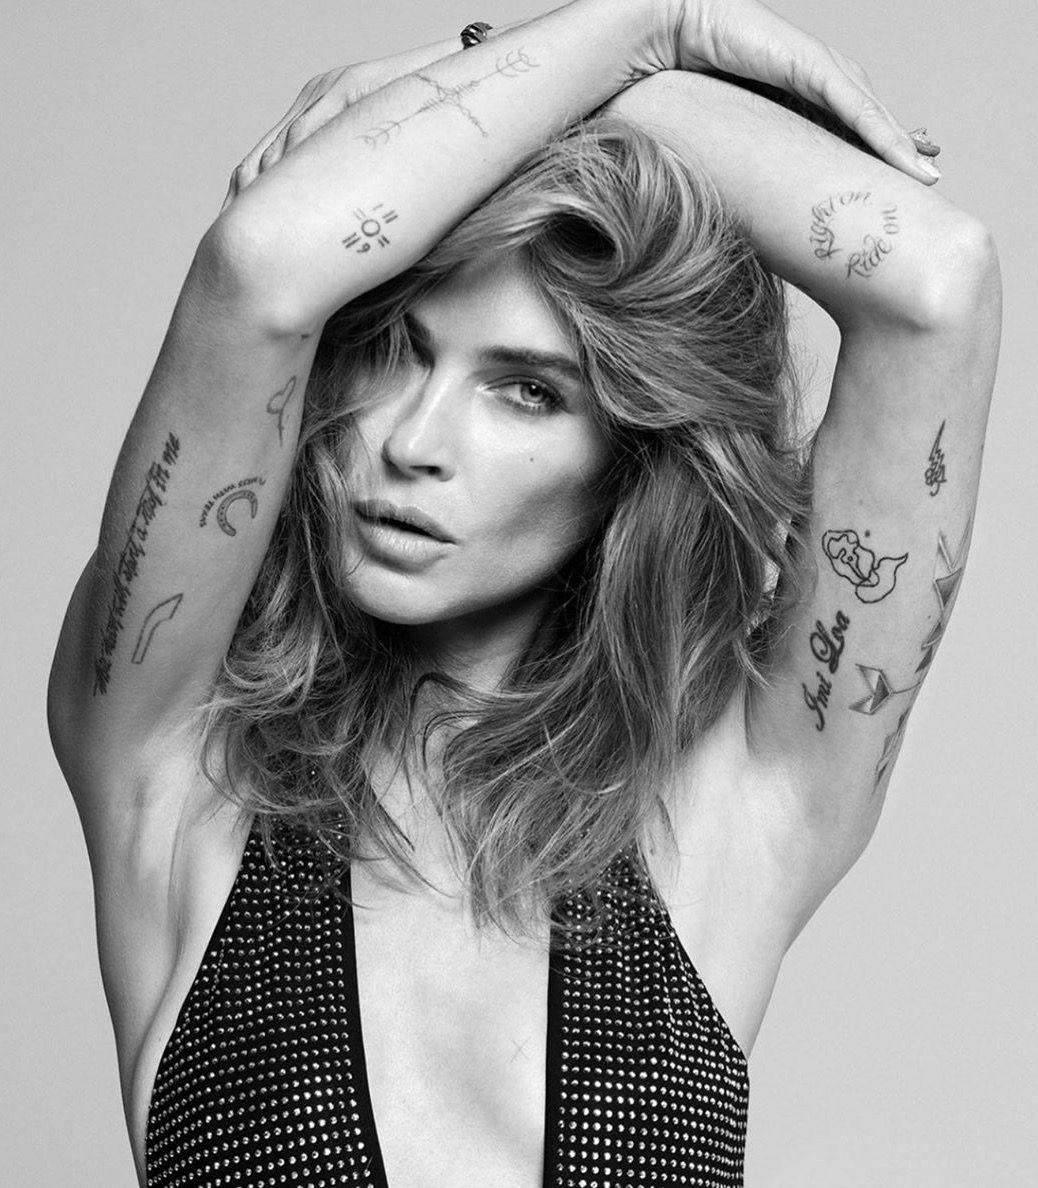 Erin Wasson Tattoo Photoshoot Ideas Erin Wasson Tattoo Photoshoot